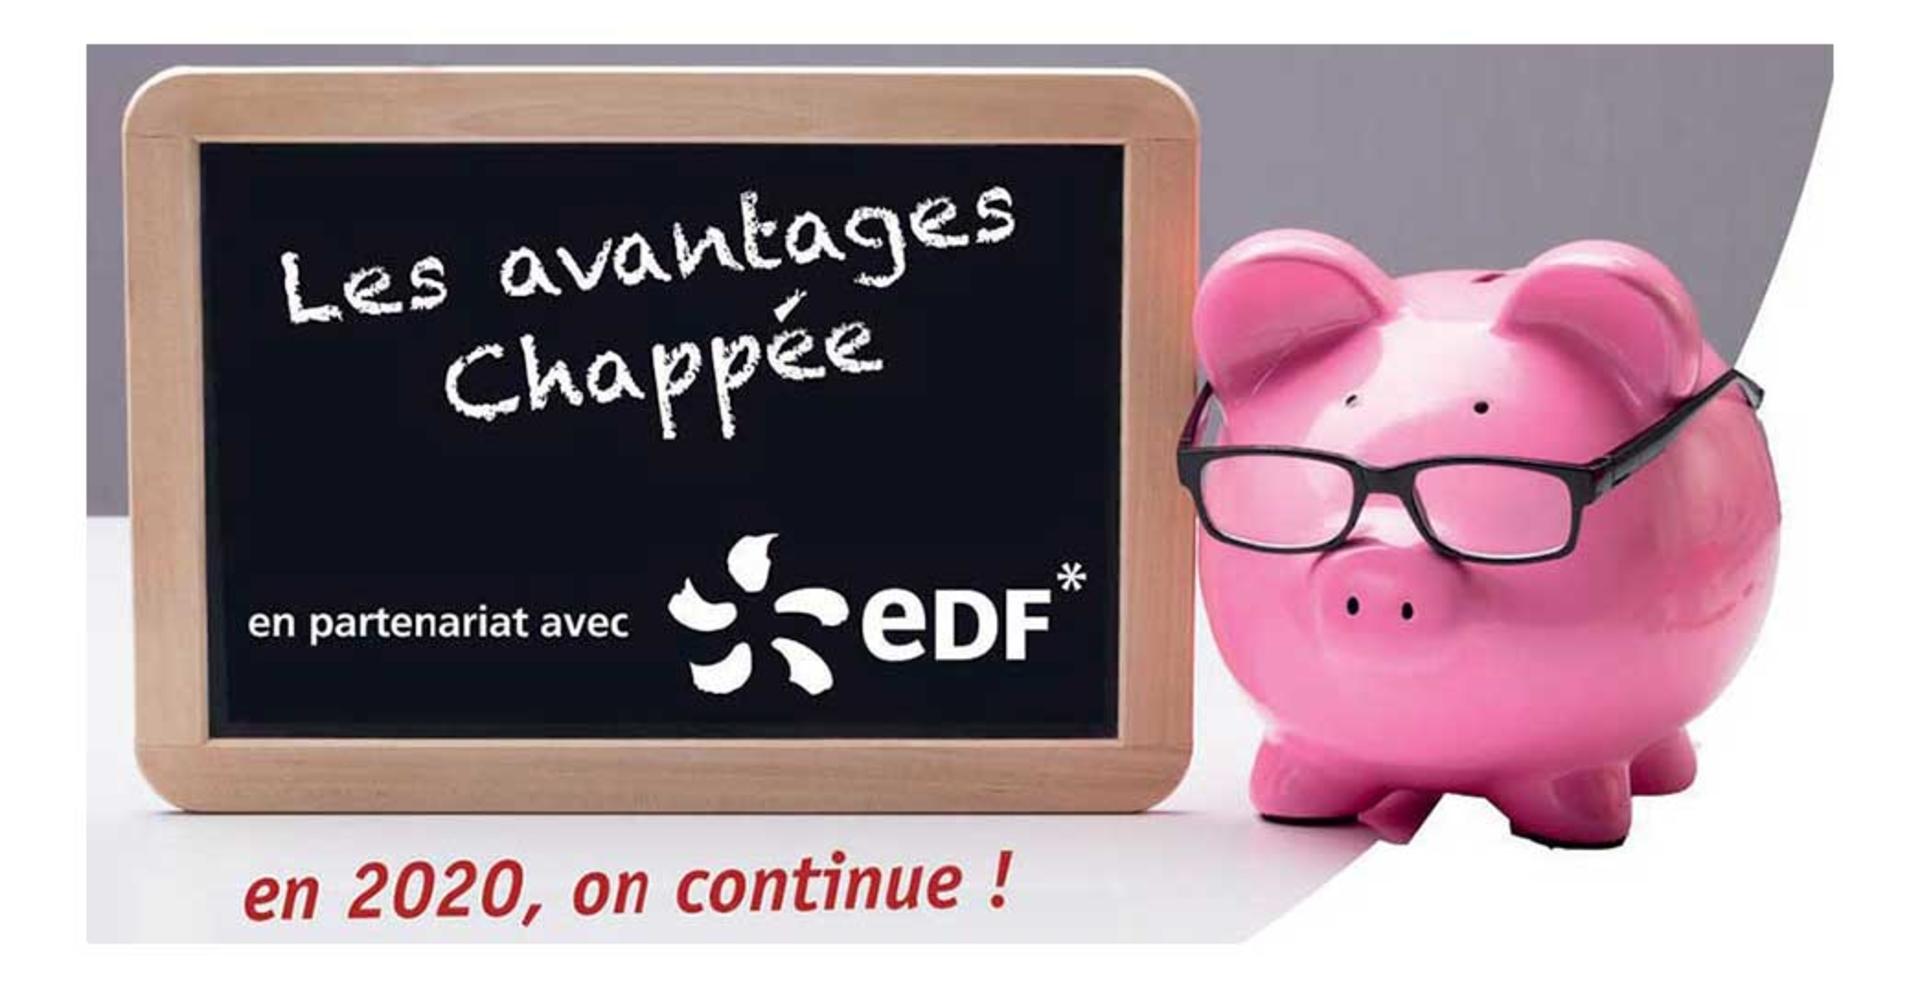 Promotion edf prime énergie chappée en partenariat avec EDF